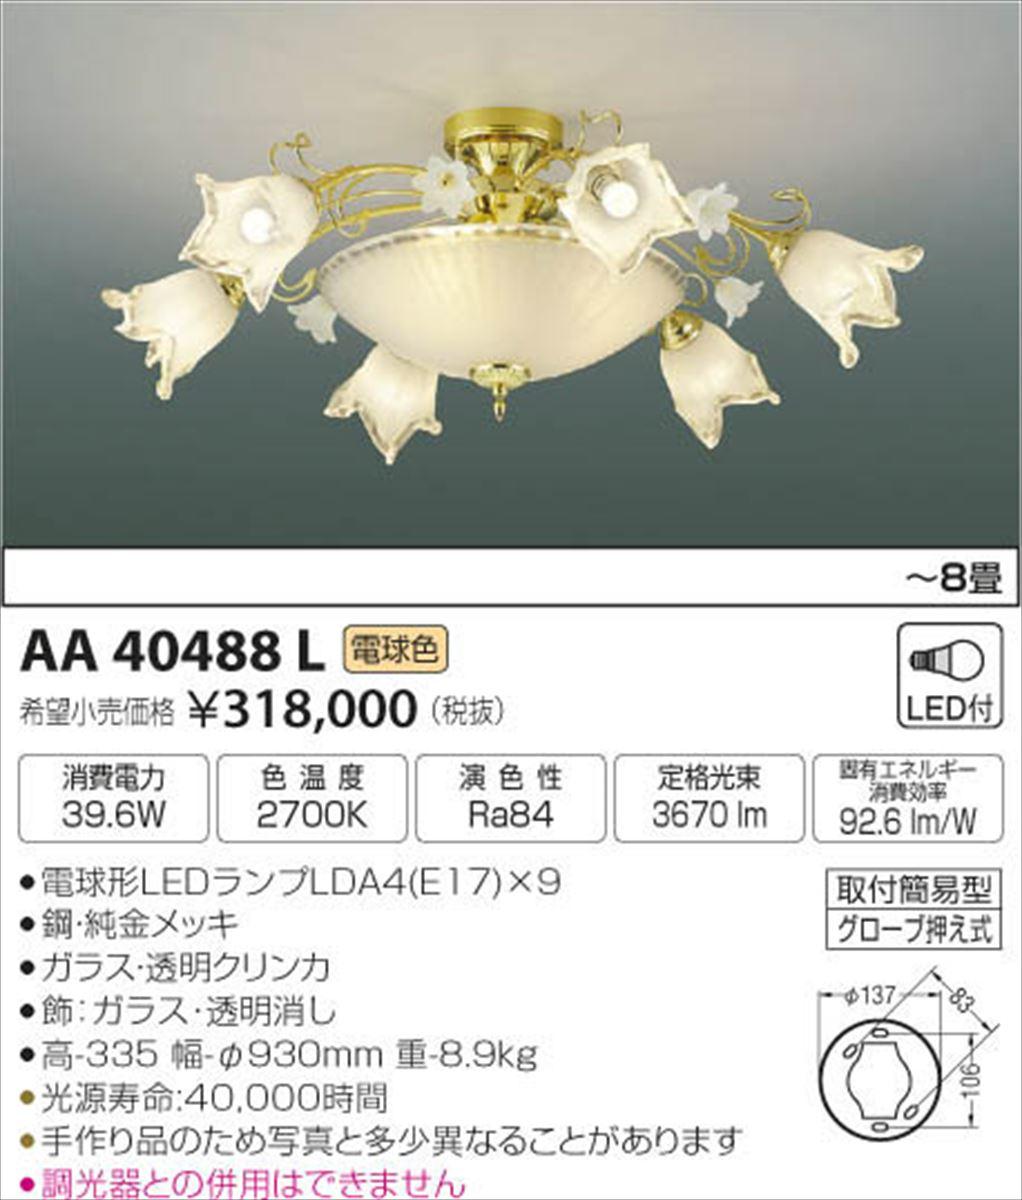 AA40488L イルムシャンデリア Regina (~8畳) LED(電球色) コイズミ照明 (KA) 照明器具